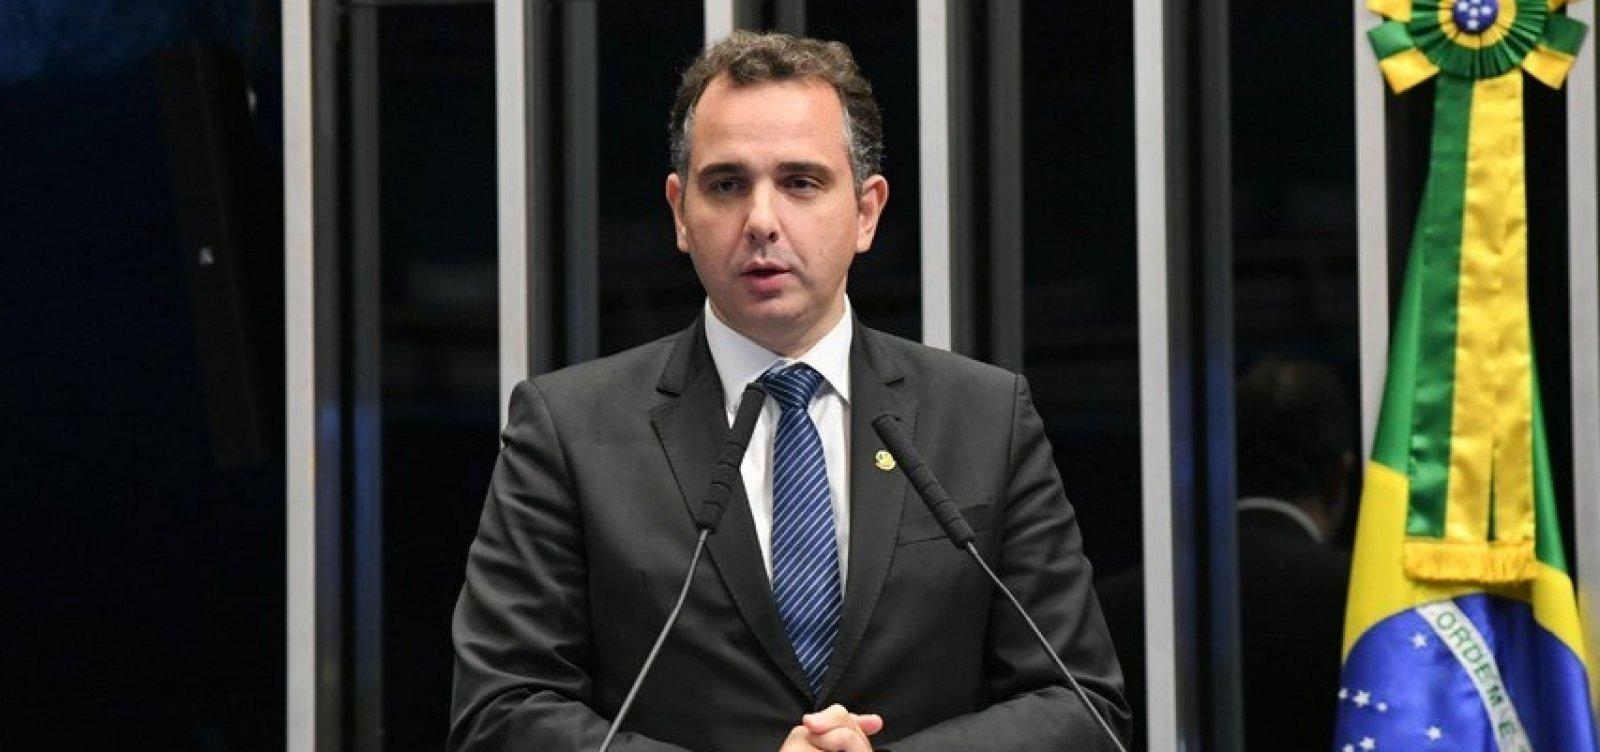 Pacheco rejeita pedido de impeachment contra Alexandre de Moraes apresentado por Bolsonaro